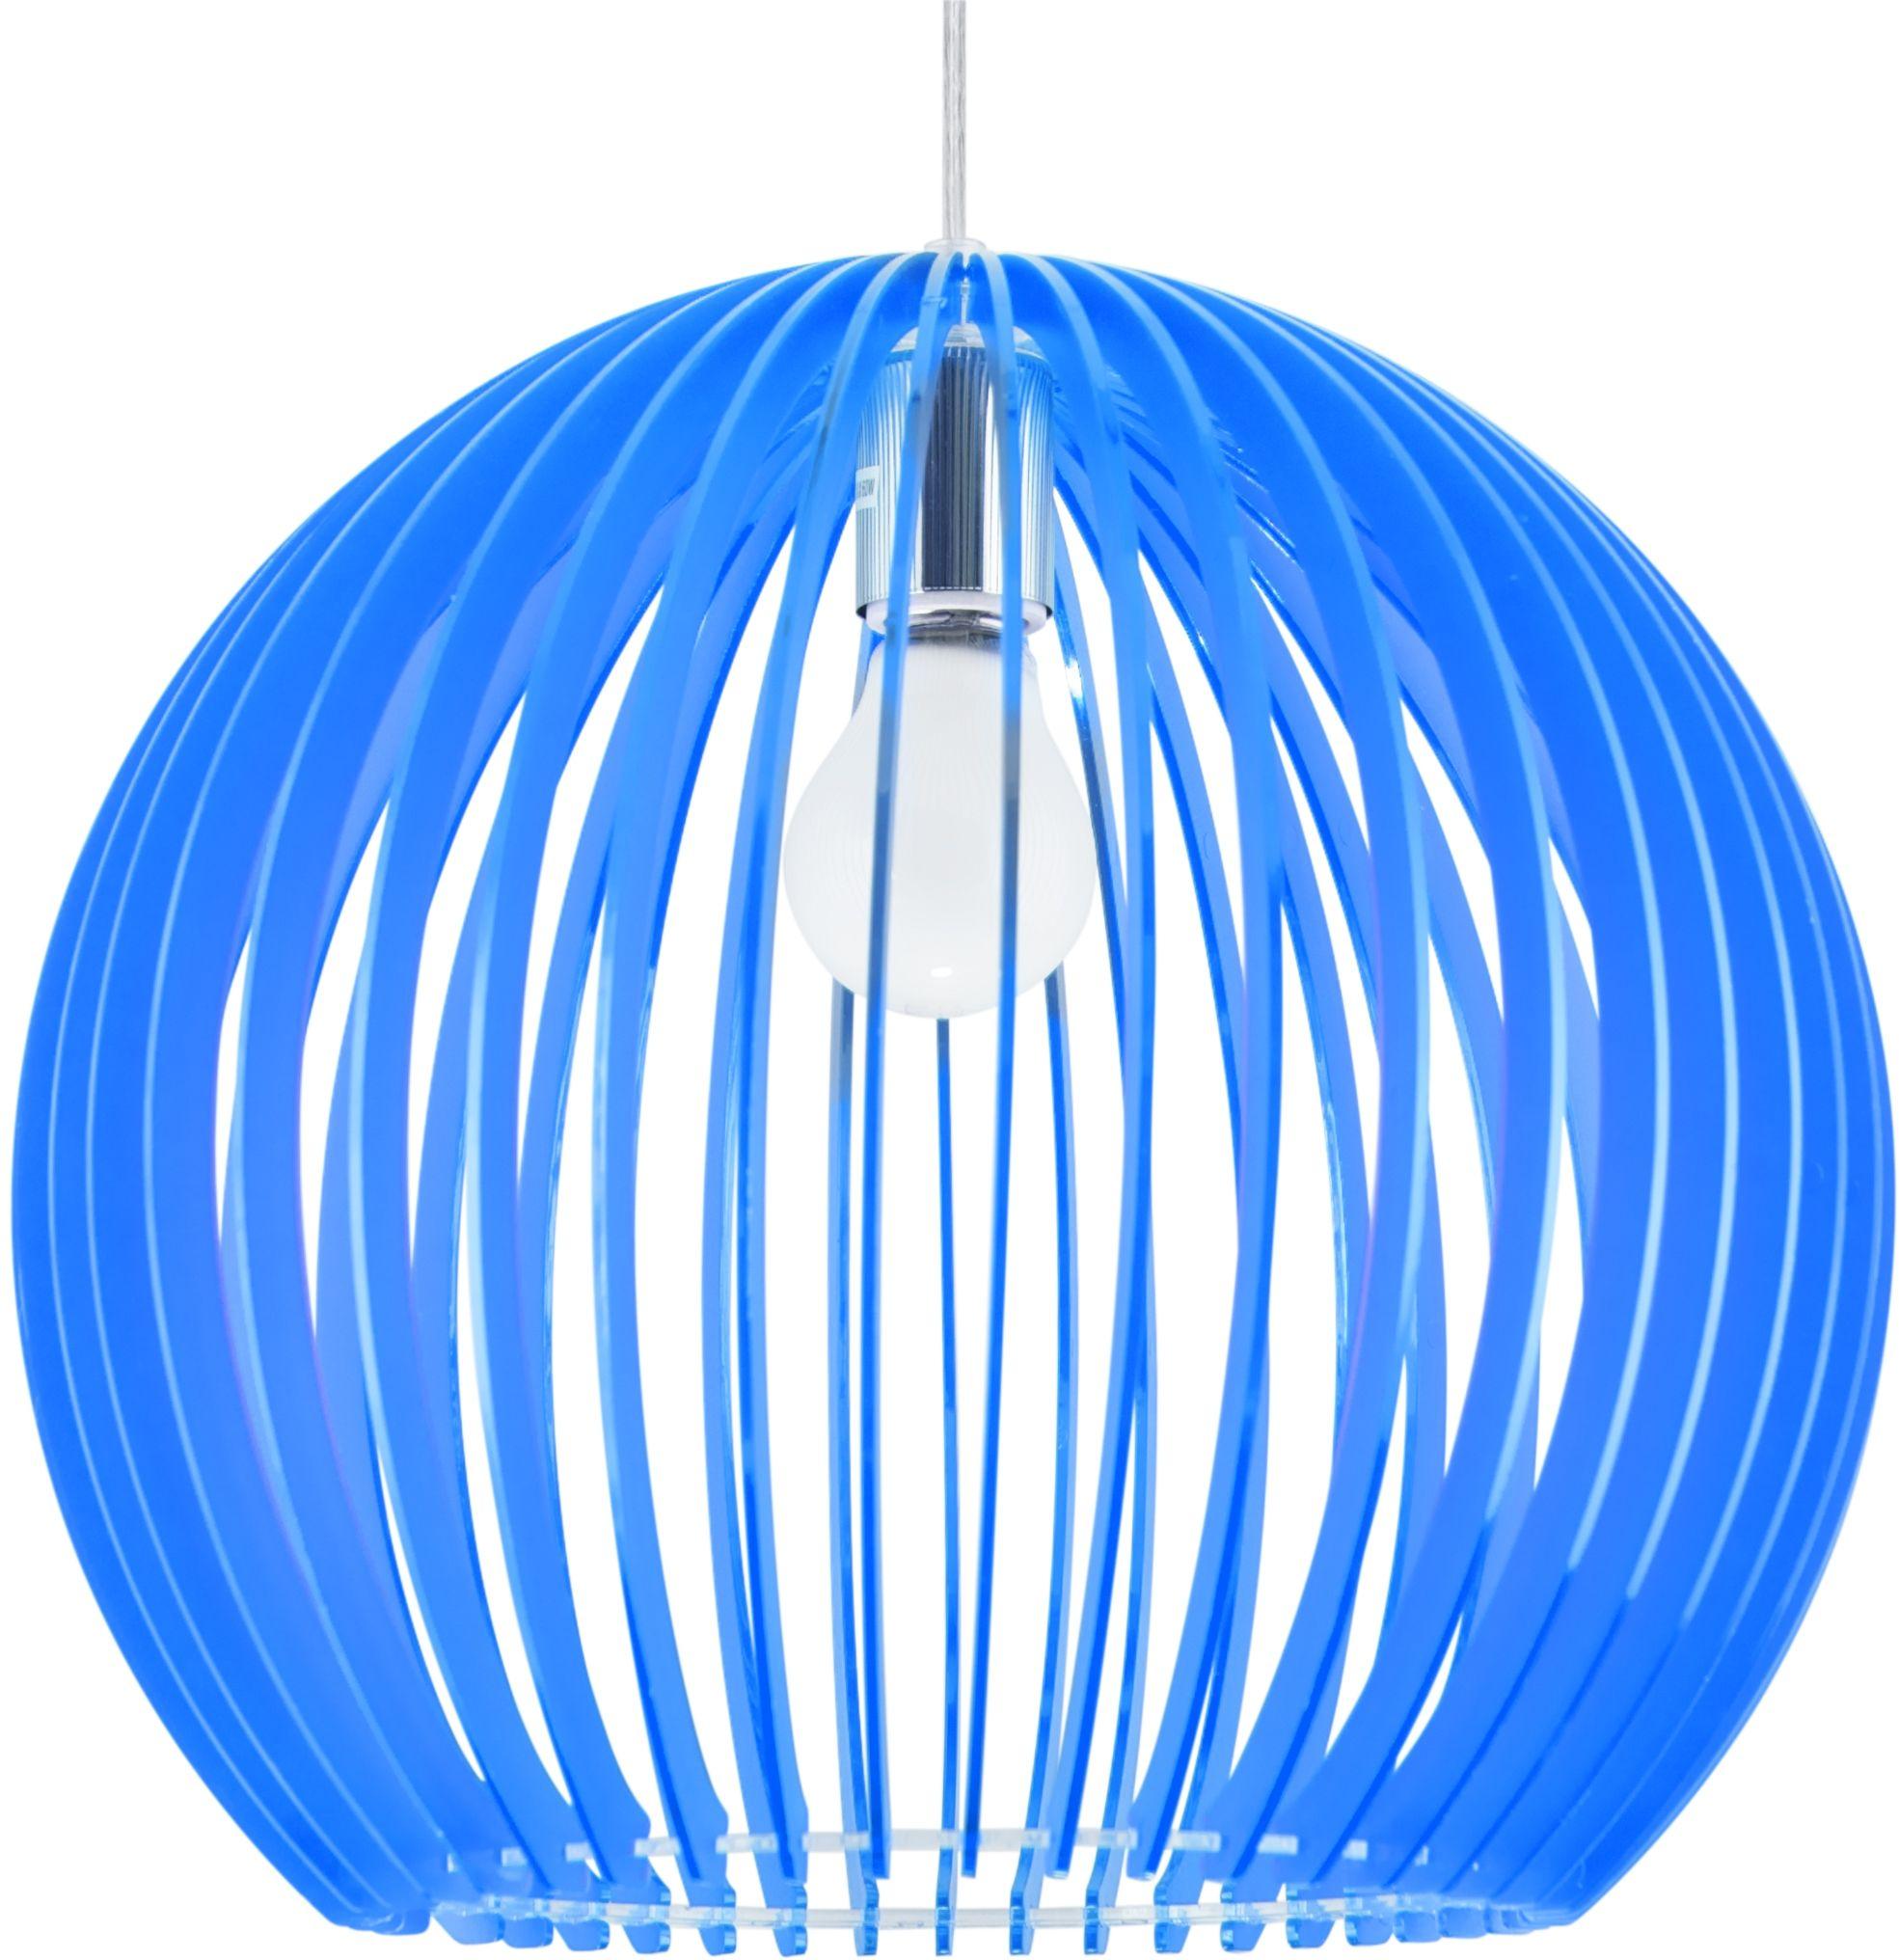 Candellux HAGA 31-50345 lampa wisząca niebieski akrylowy klosz 1X60W E27 36 cm